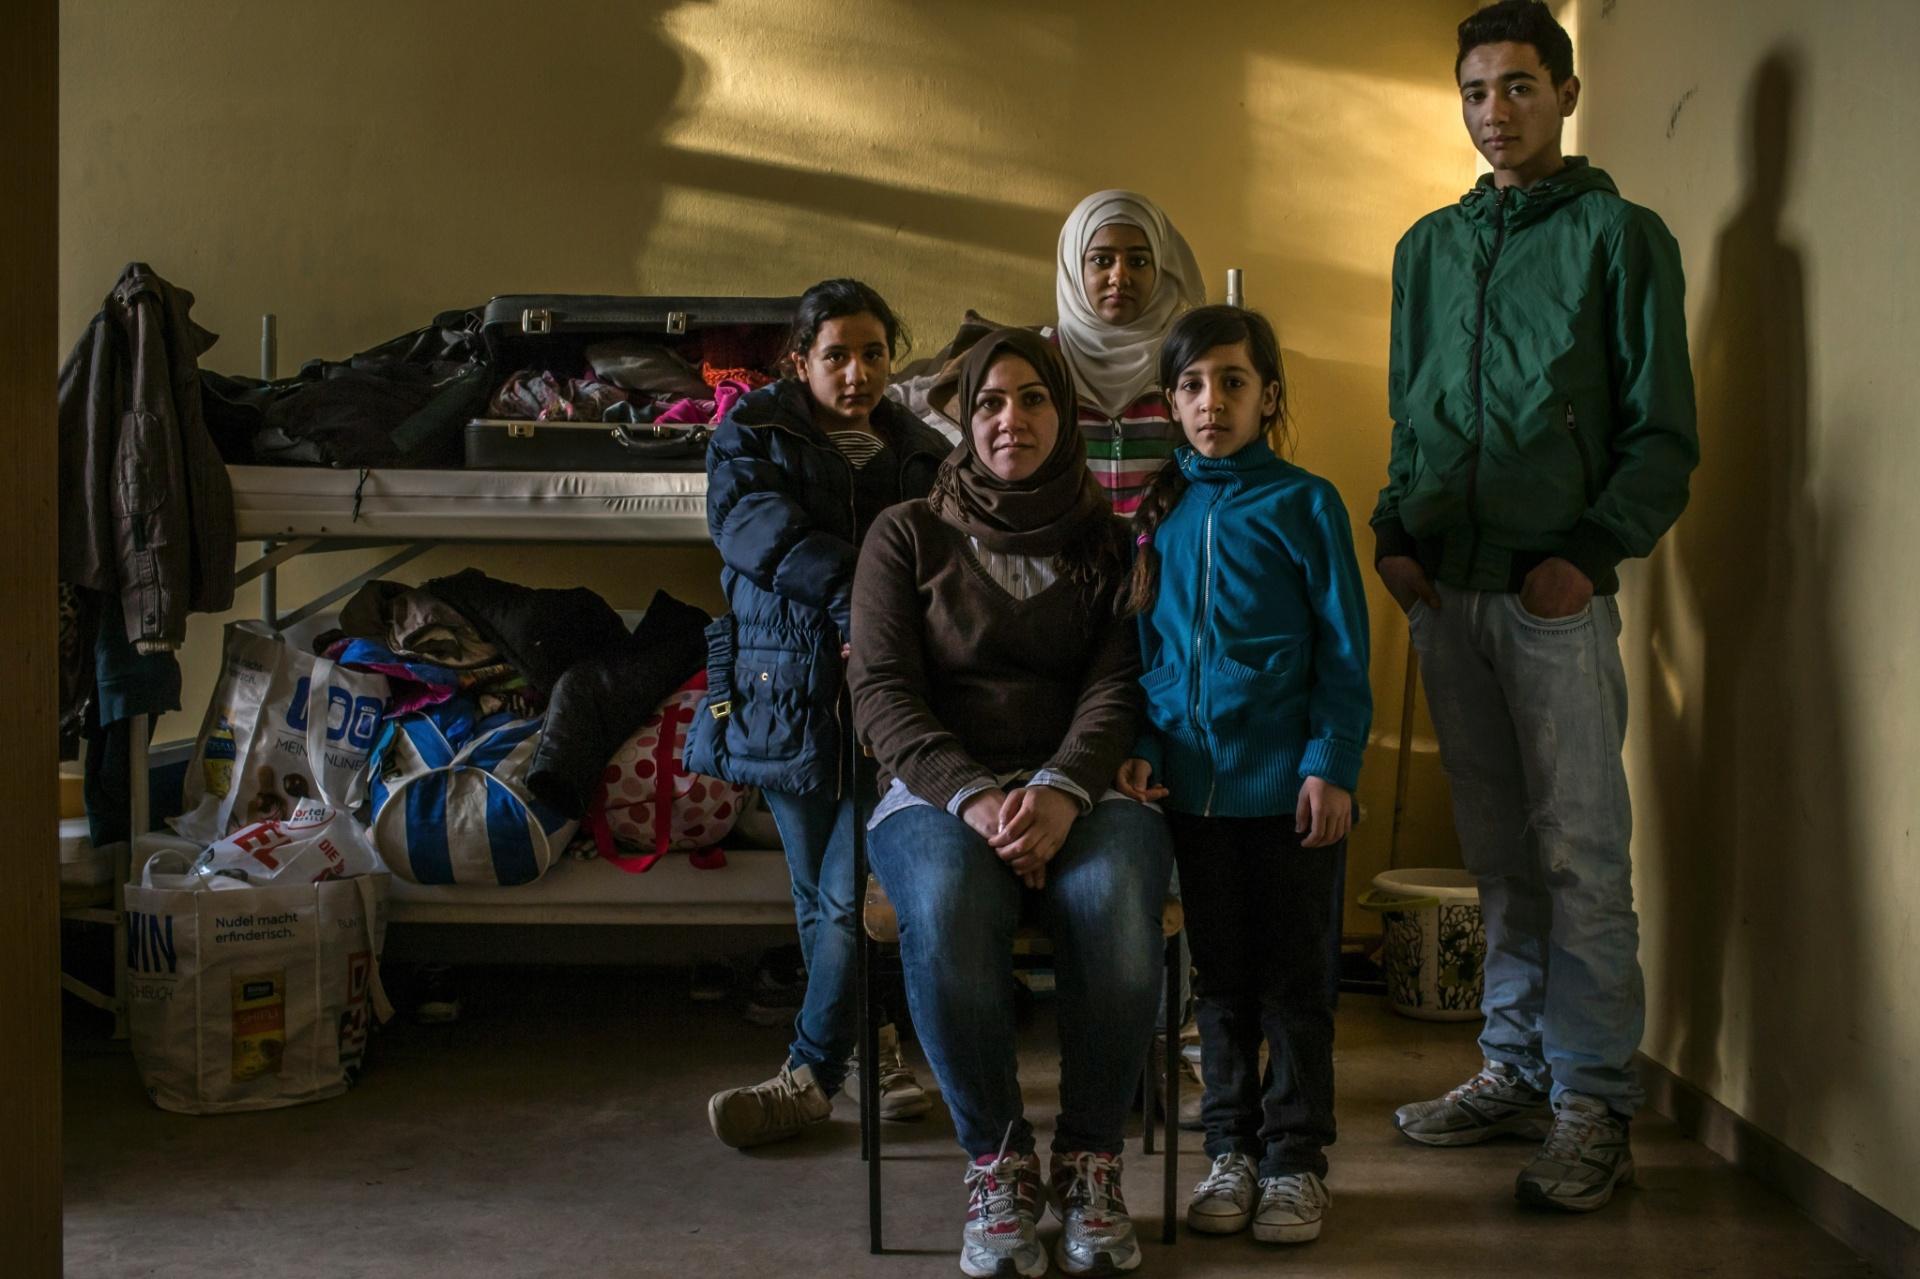 27.dez.2015 - Hivrun Kurdi com seus filhos em abrigo em Bramsche, Alemanha. Ela é tia de Alan Kurdi, de 2 anos, que morreu no Mar Mediterrâneo. A foto do corpo do menino tornou-se símbolo do drama dos refugiados da guerra na Síria